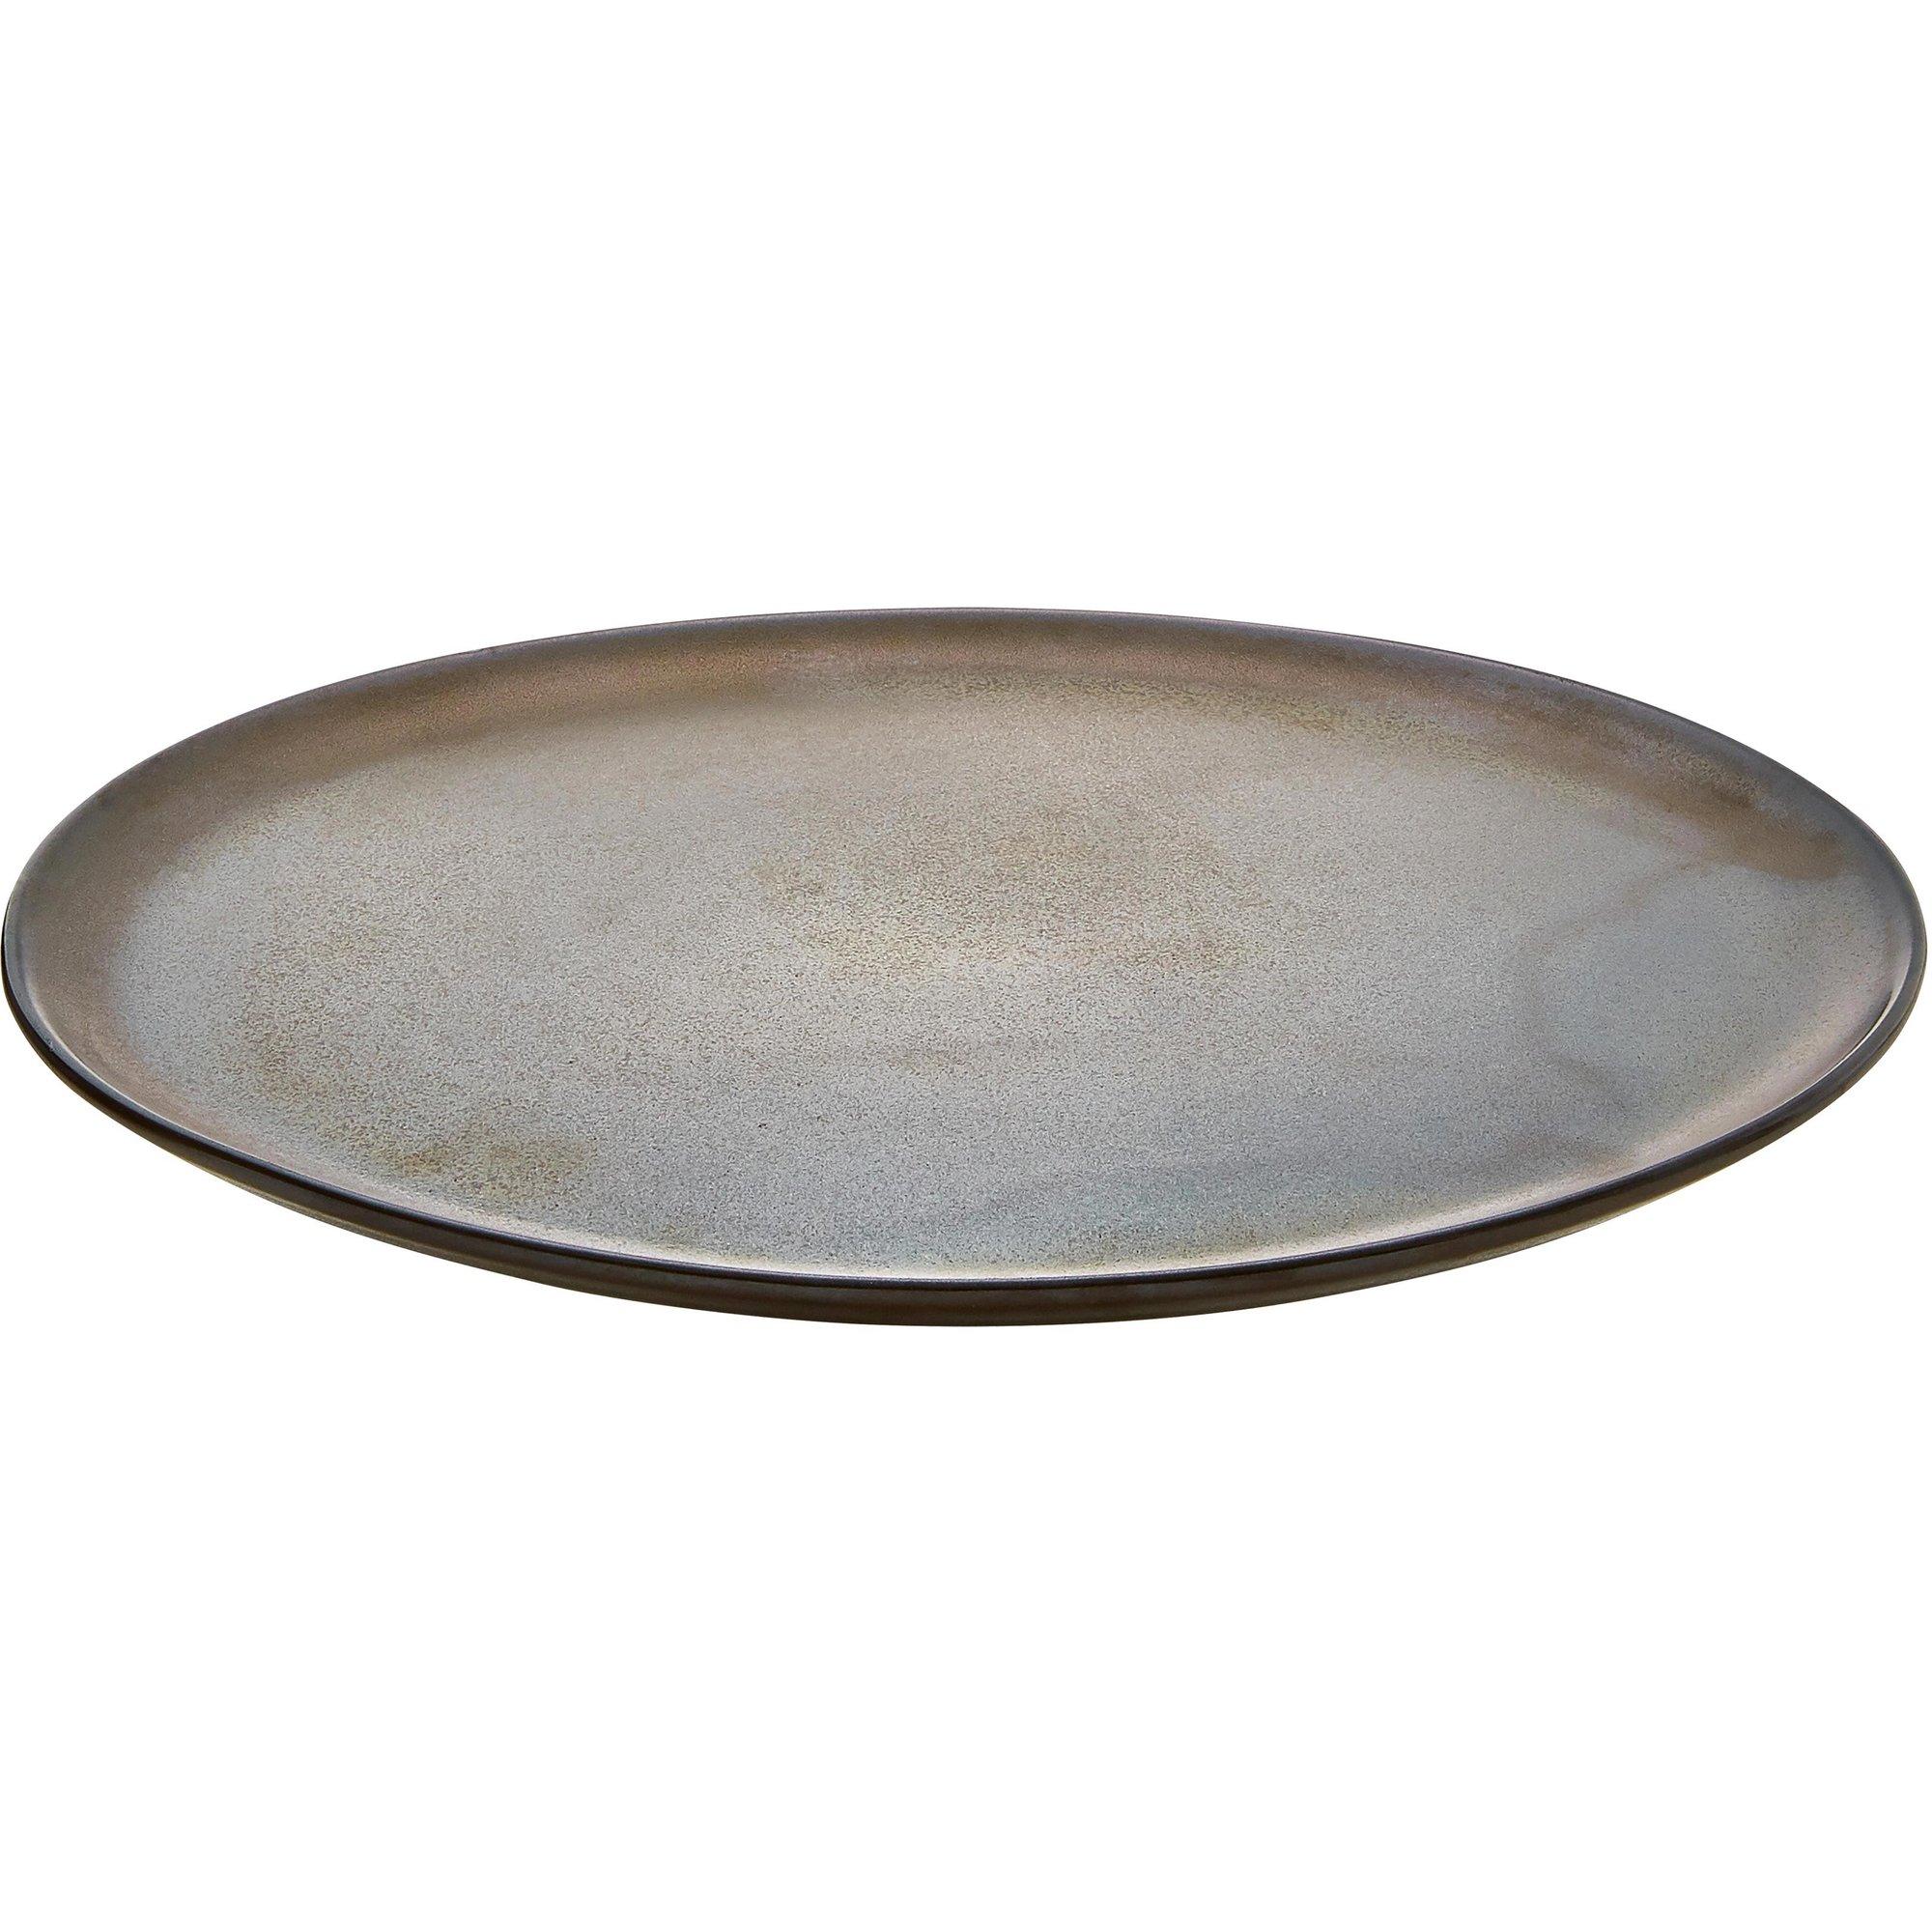 Aida RAW middagstallrik, metallisk brun